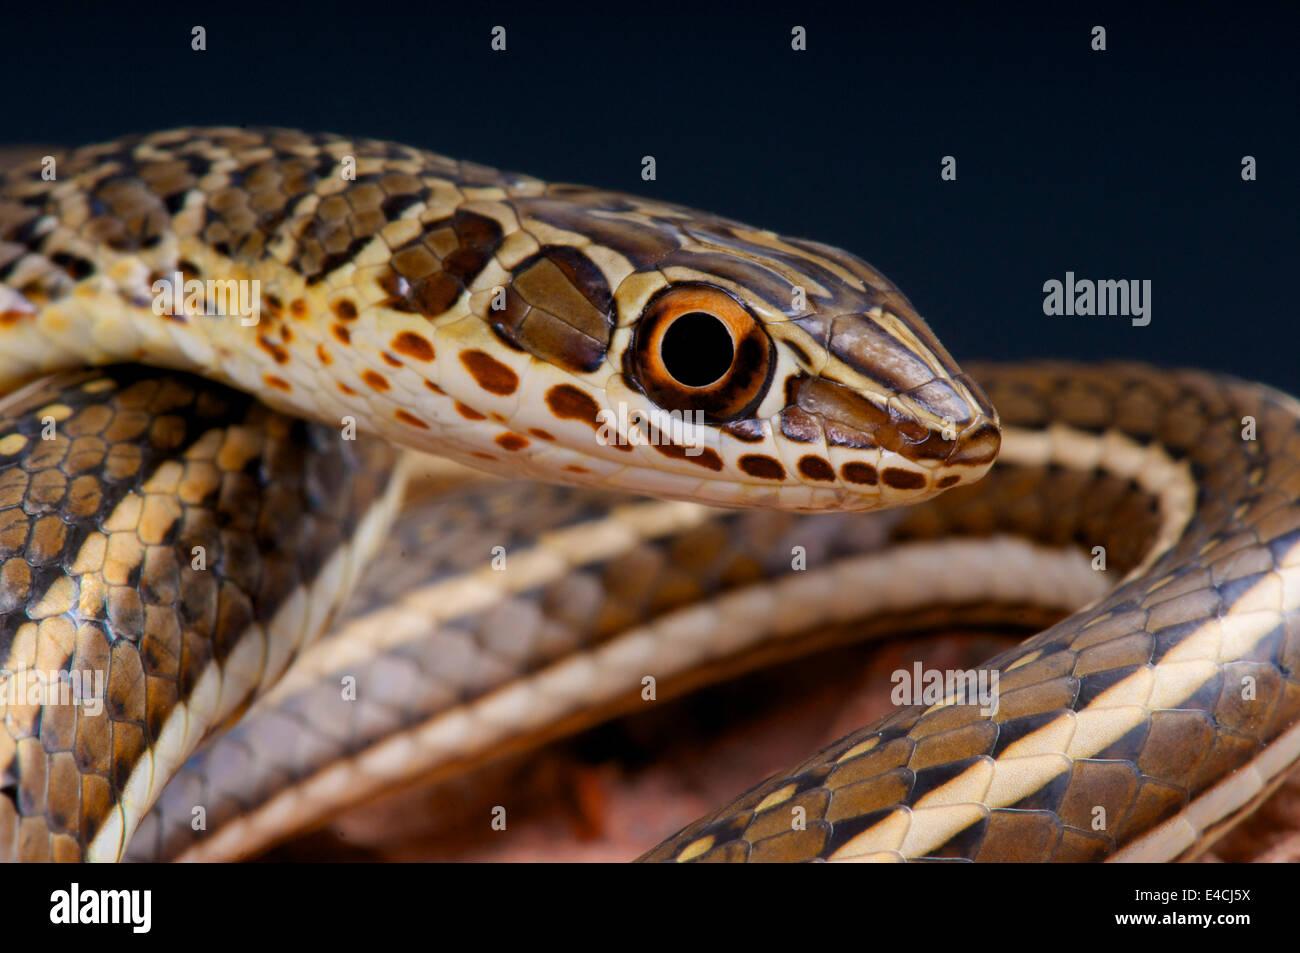 Silbido de serpiente de arena / Psammophis sibilans Imagen De Stock